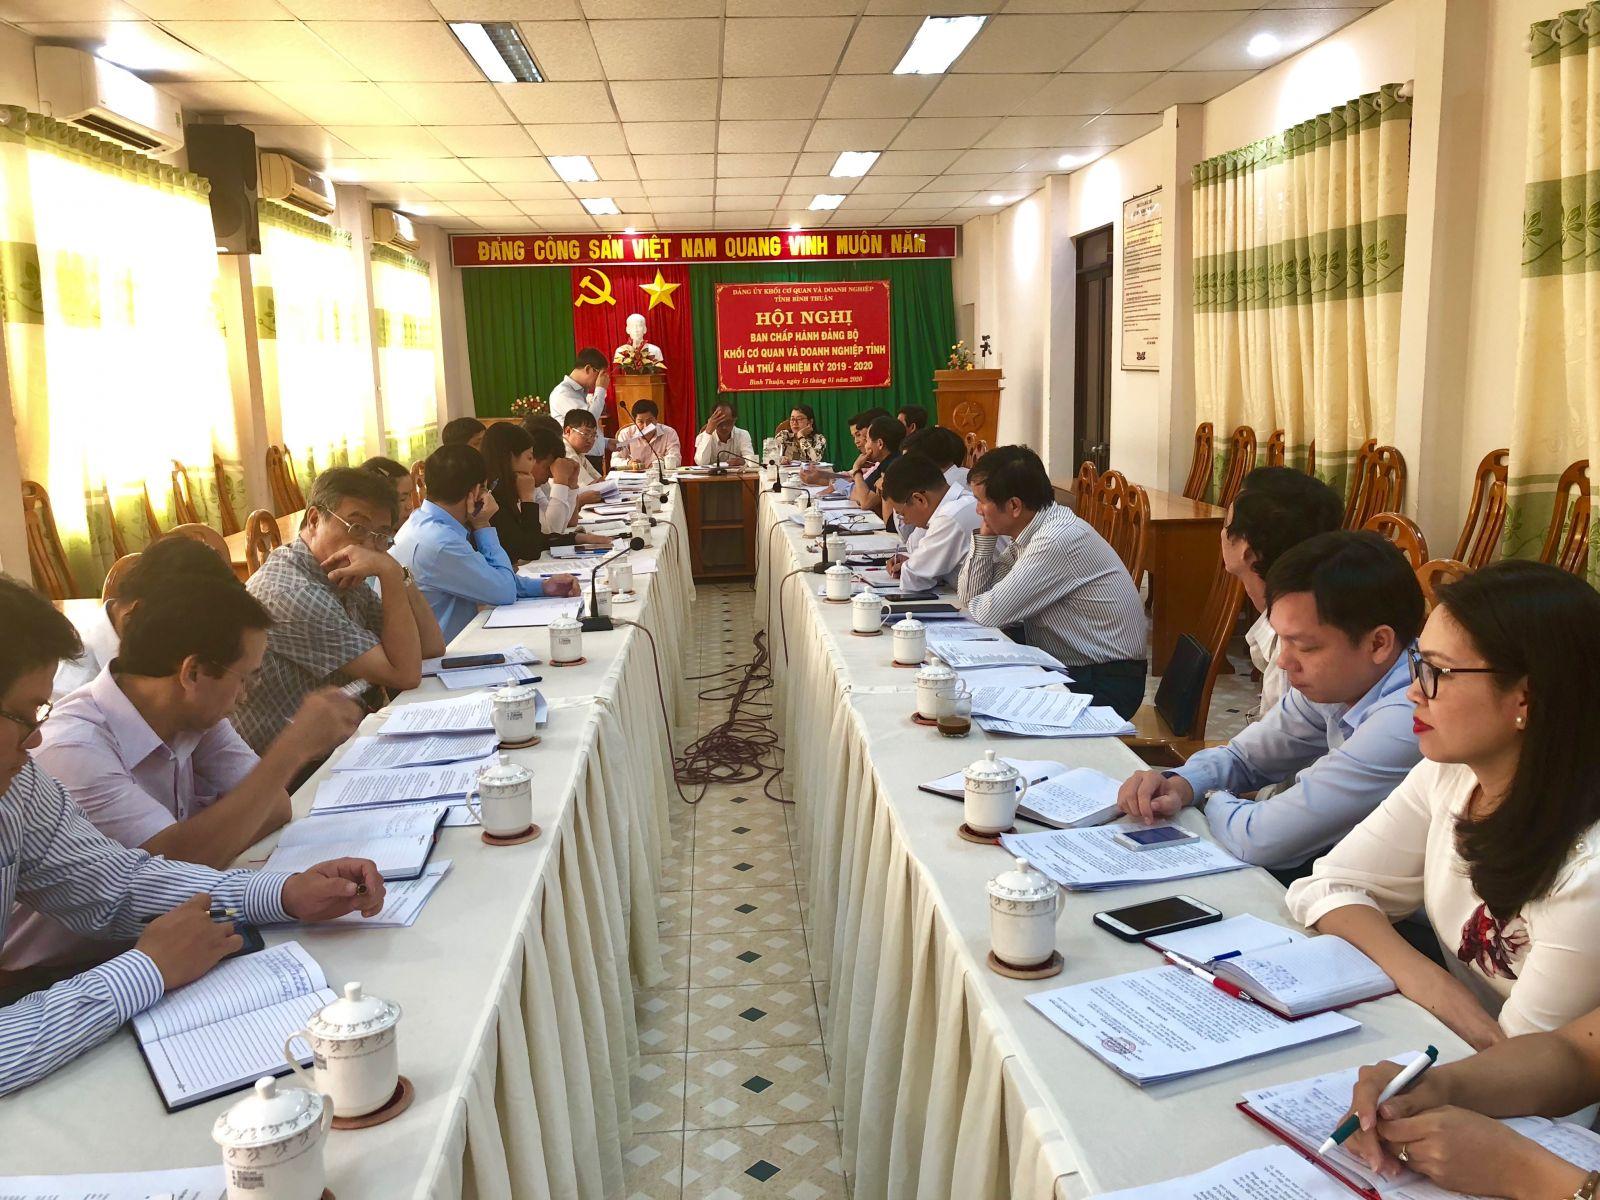 Hình Hội nghị lần thứ 4 Ban Chấp hành Đảng bộ Khối cơ quan và doanh nghiệp tỉnh